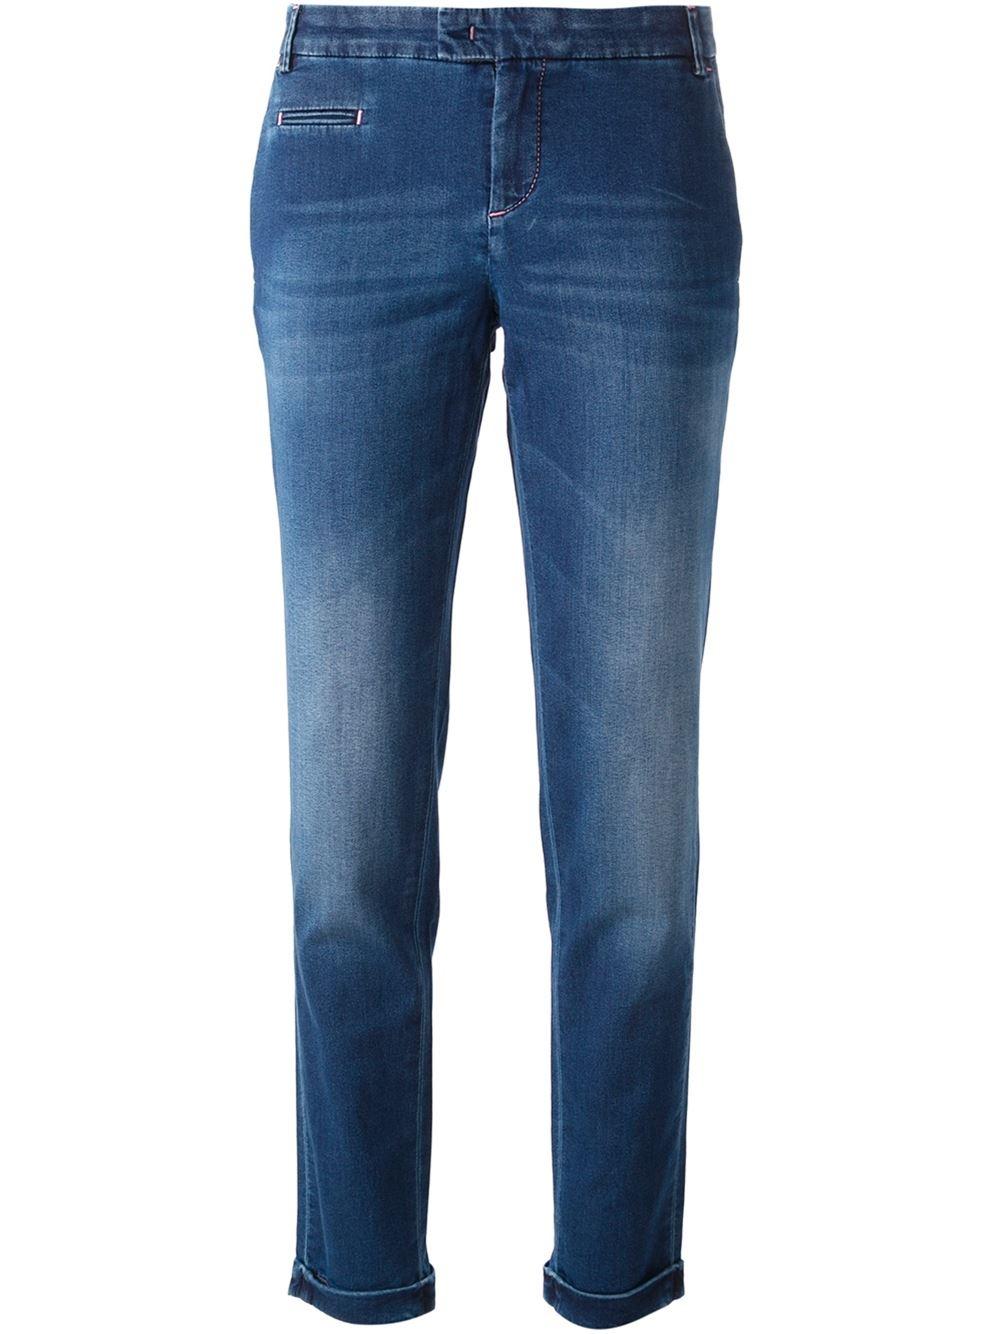 Jacob cohen slim fit jeans in blue lyst - Jacob cohen denim ...